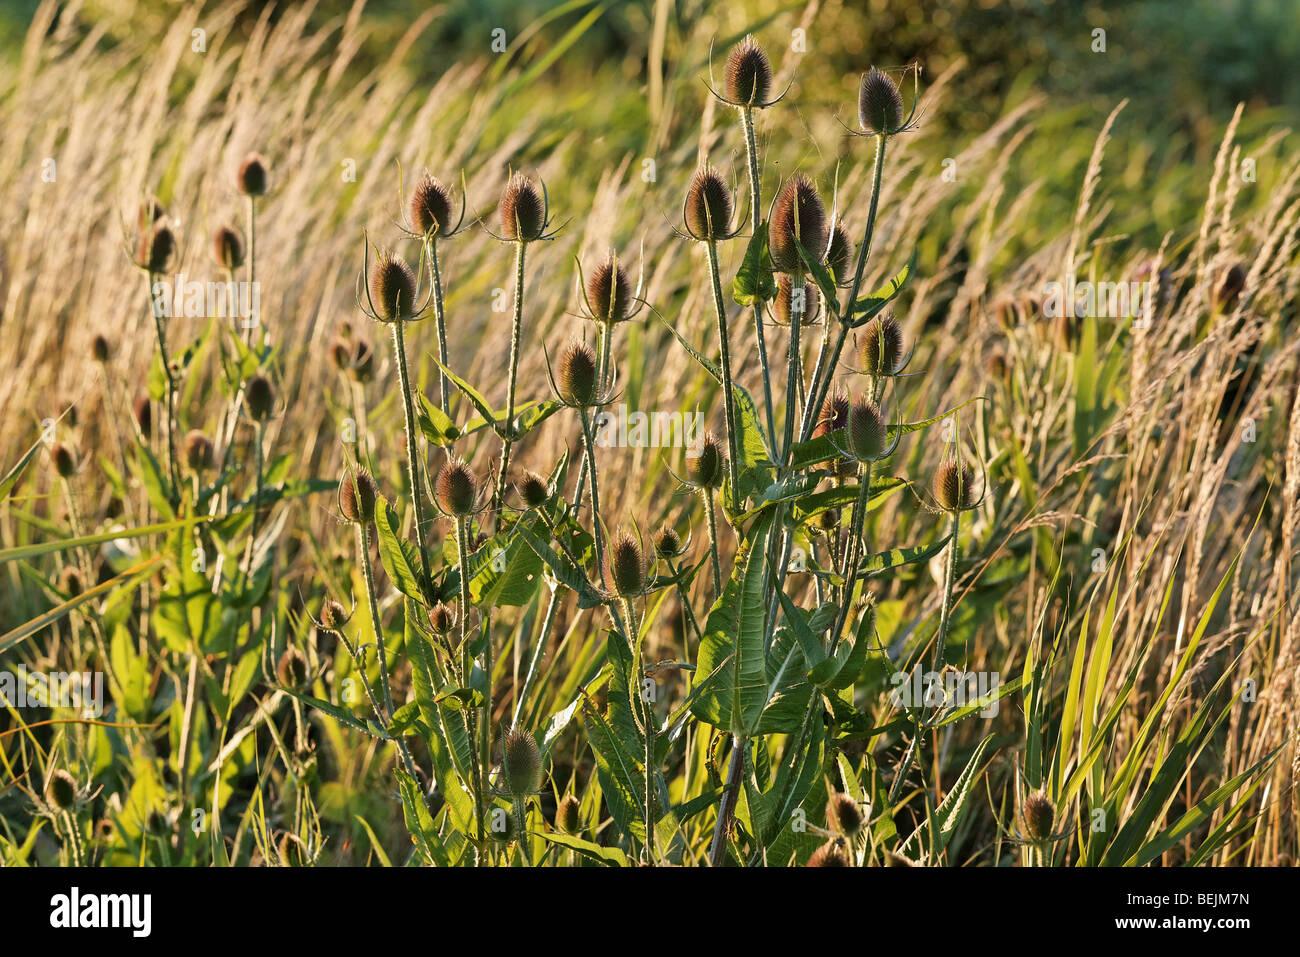 Common teasel (Dipsacus fullonum), Belgium - Stock Image